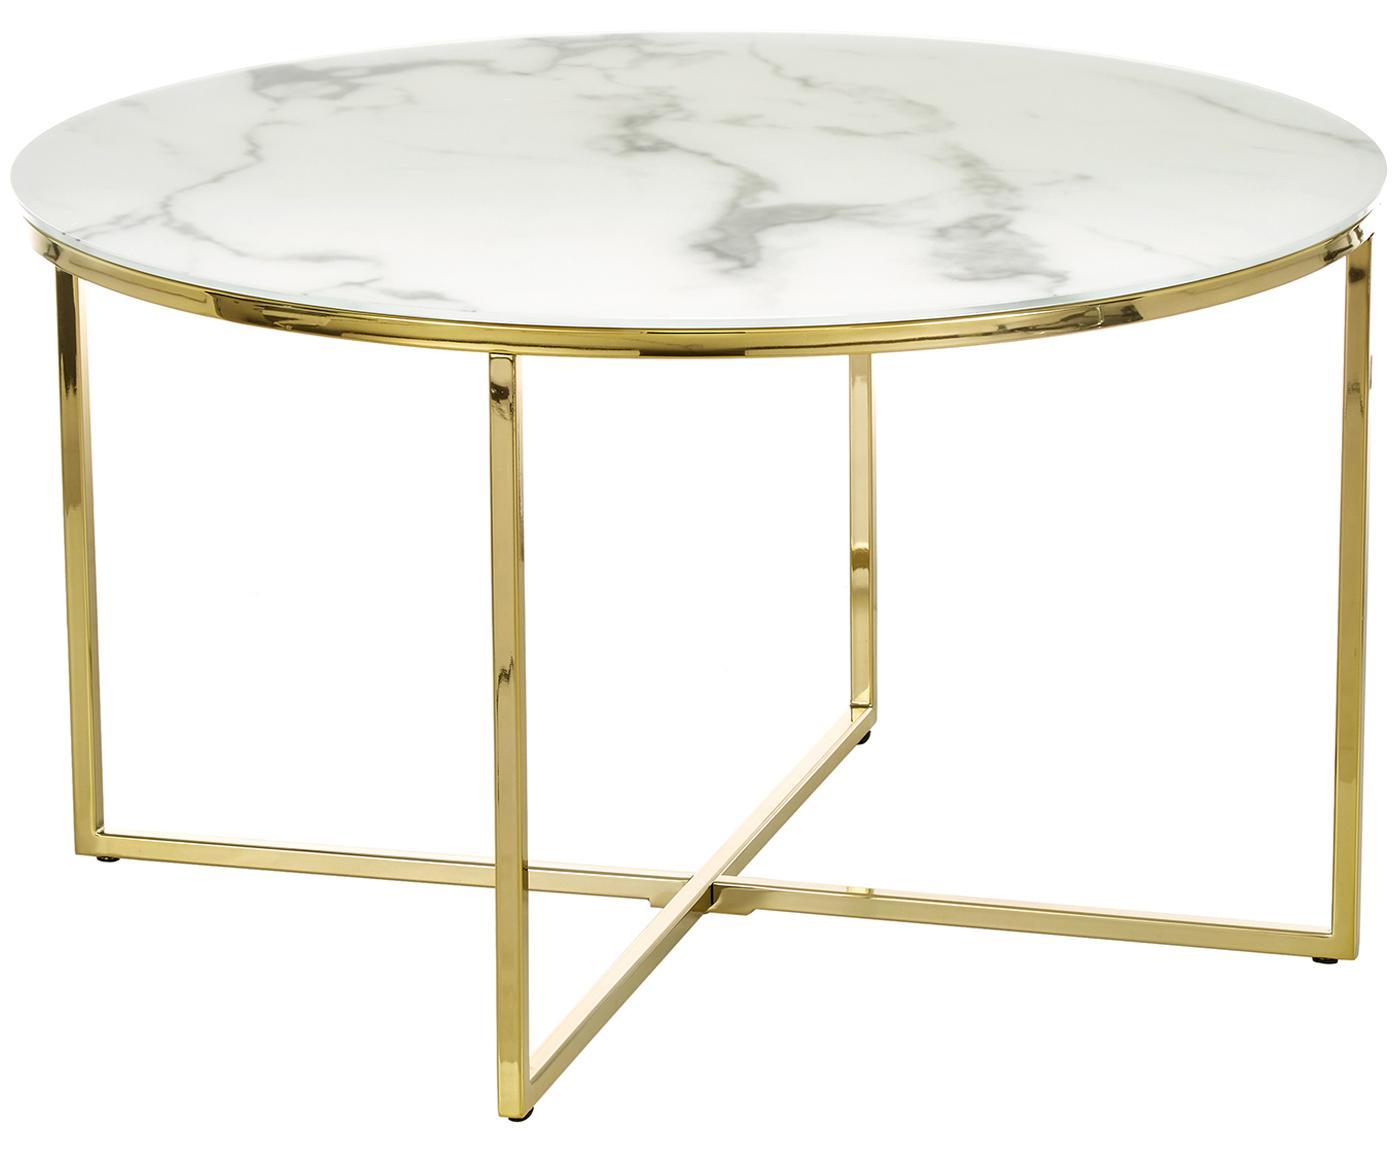 Tavolino da salotto con piano in vetro effetto marmo Antigua, Piano d'appoggio: vetro opaco stampato, Struttura: metallo ottonato, Piano d'appoggio: bianco, marmo, Struttura: ottone, Ø 80 x Alt. 45 cm